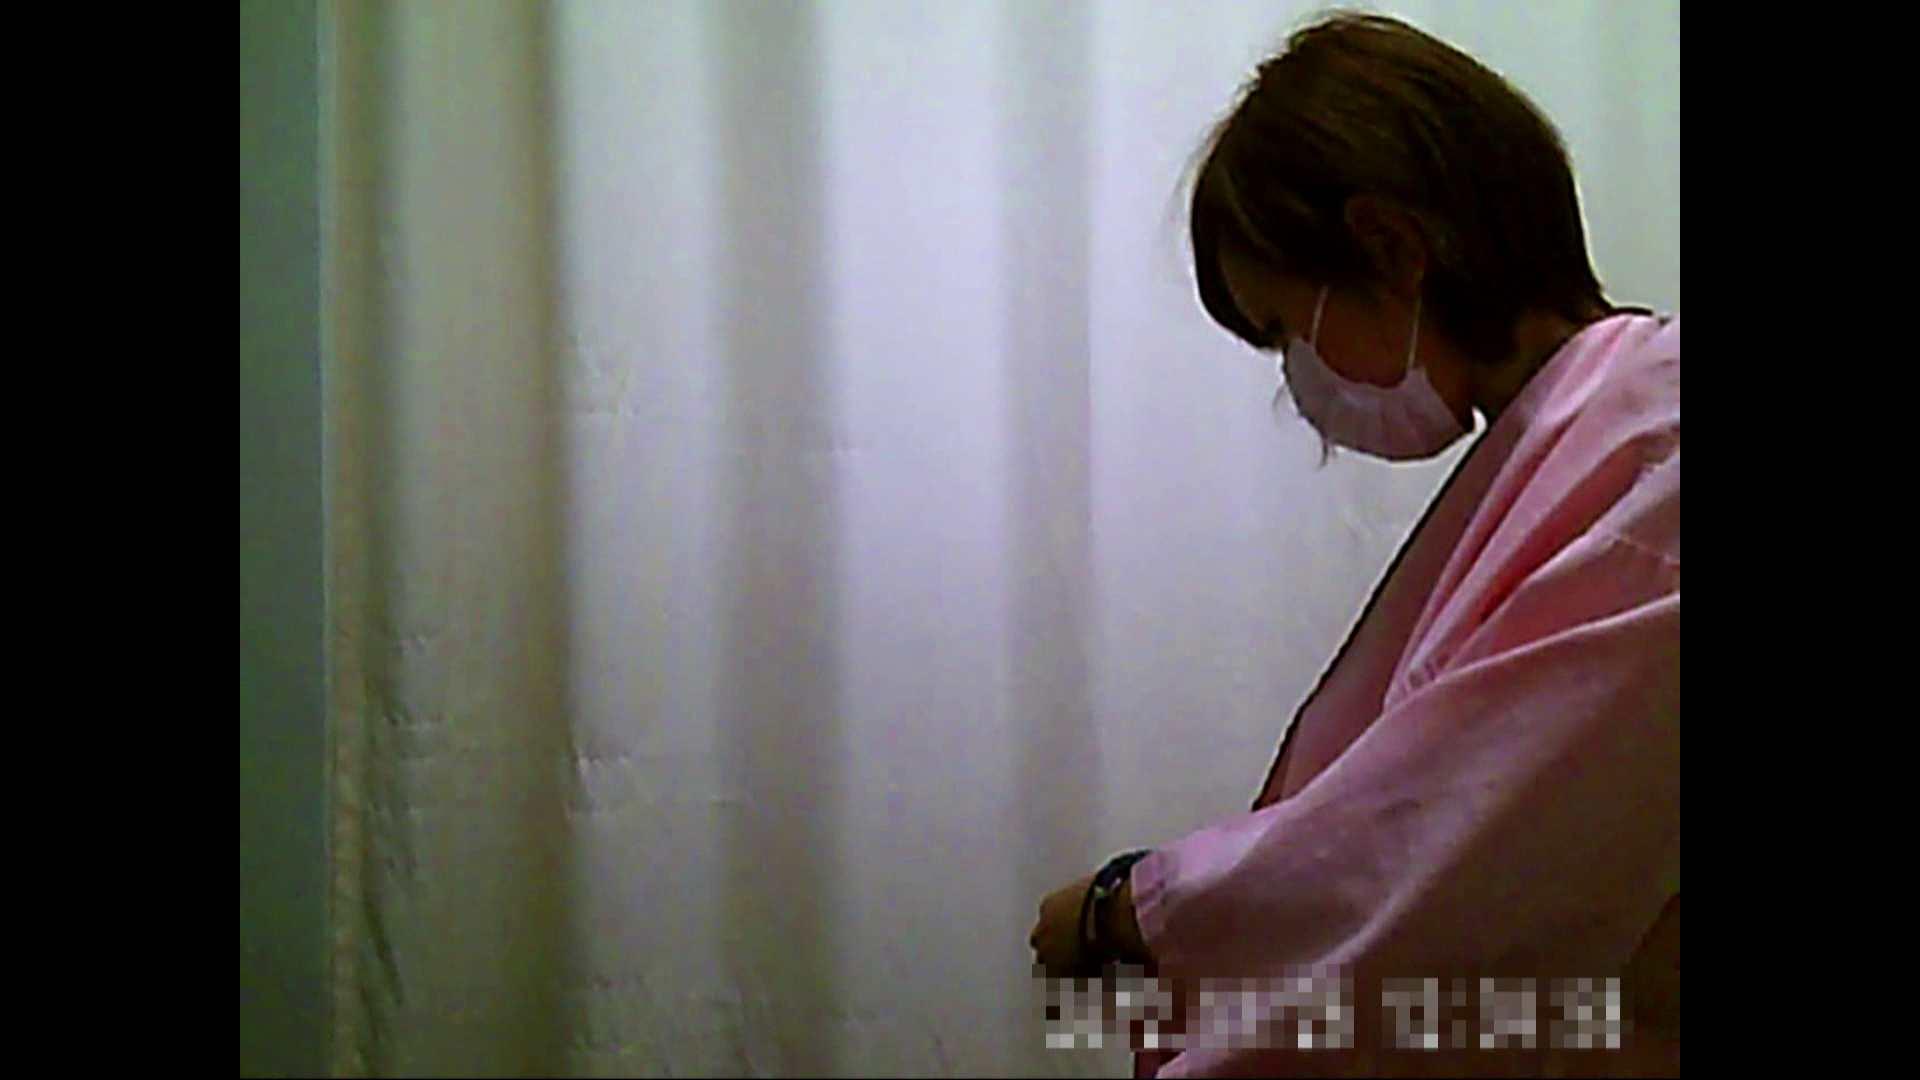 元医者による反抗 更衣室地獄絵巻 vol.281 OLハメ撮り  100Pix 61